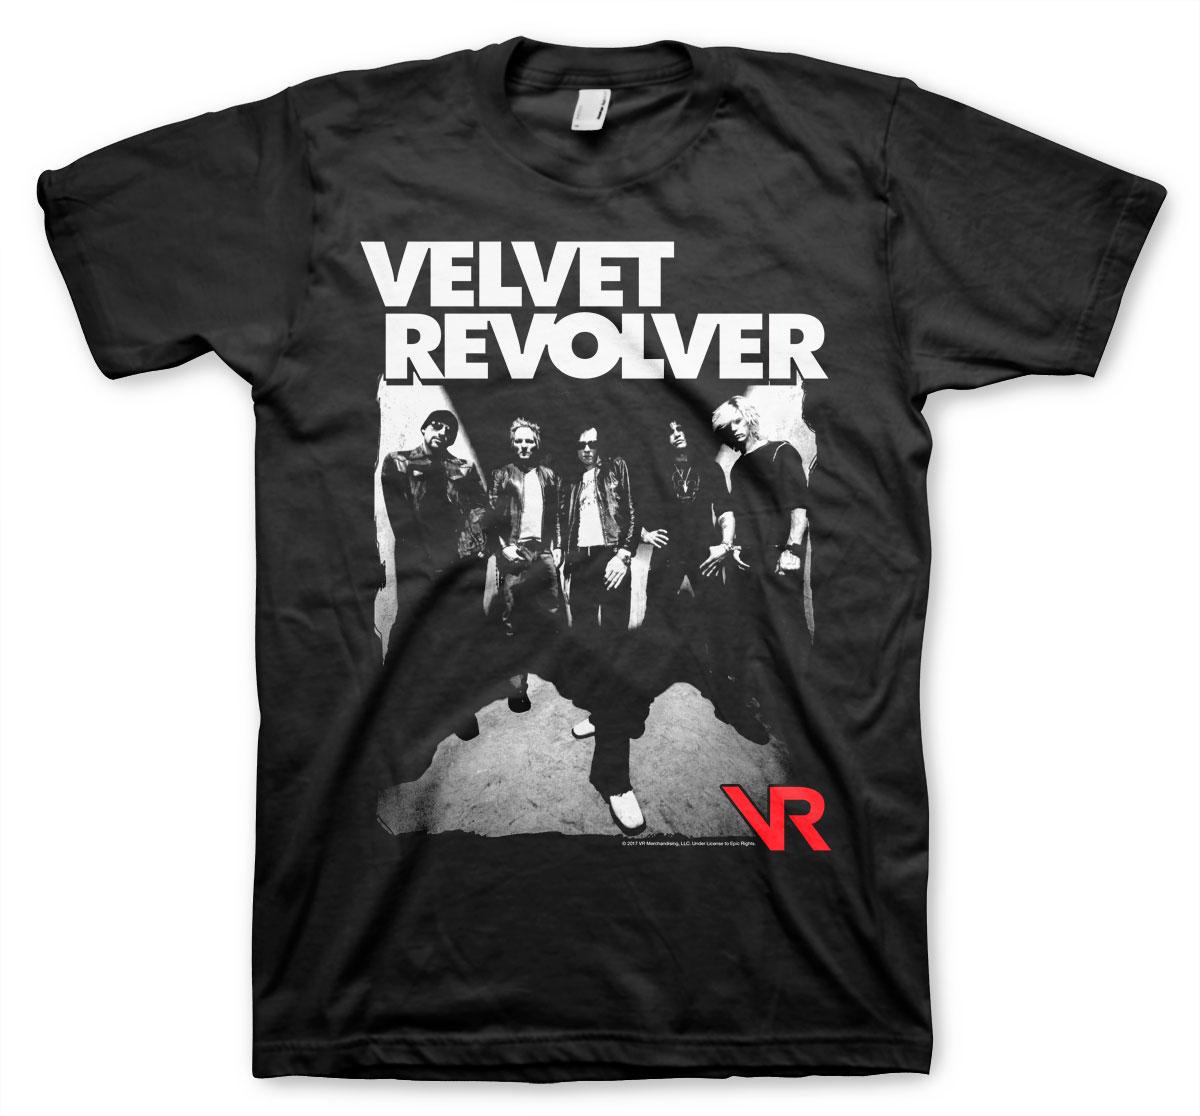 Velvet Revolver T-Shirt